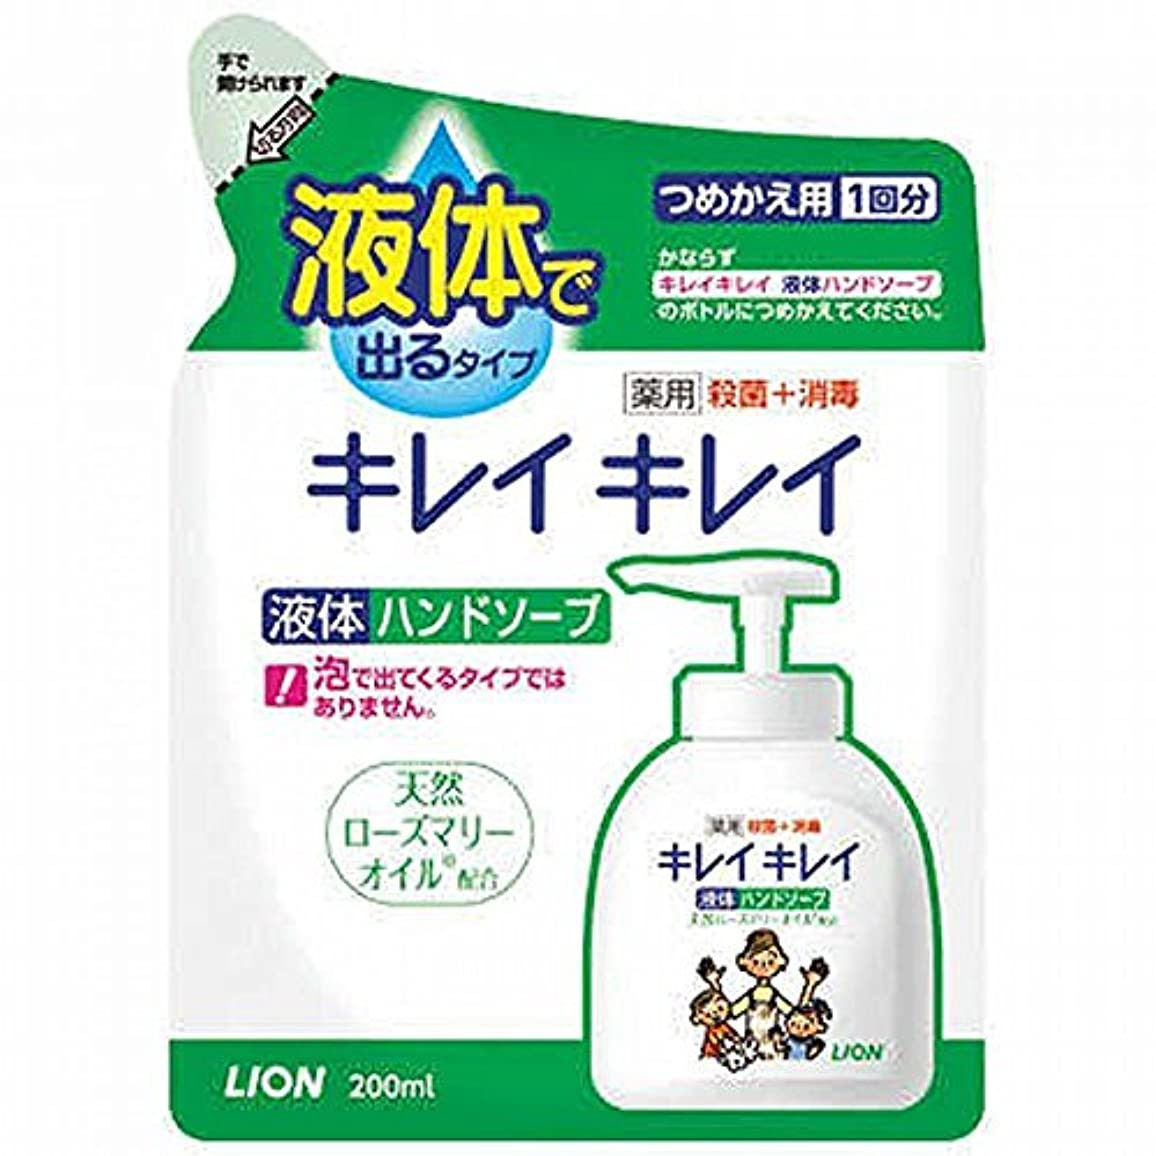 延期するブラウス適応的キレイキレイ 薬用液体ハンドソープ  詰替用 200ml ×20個セット